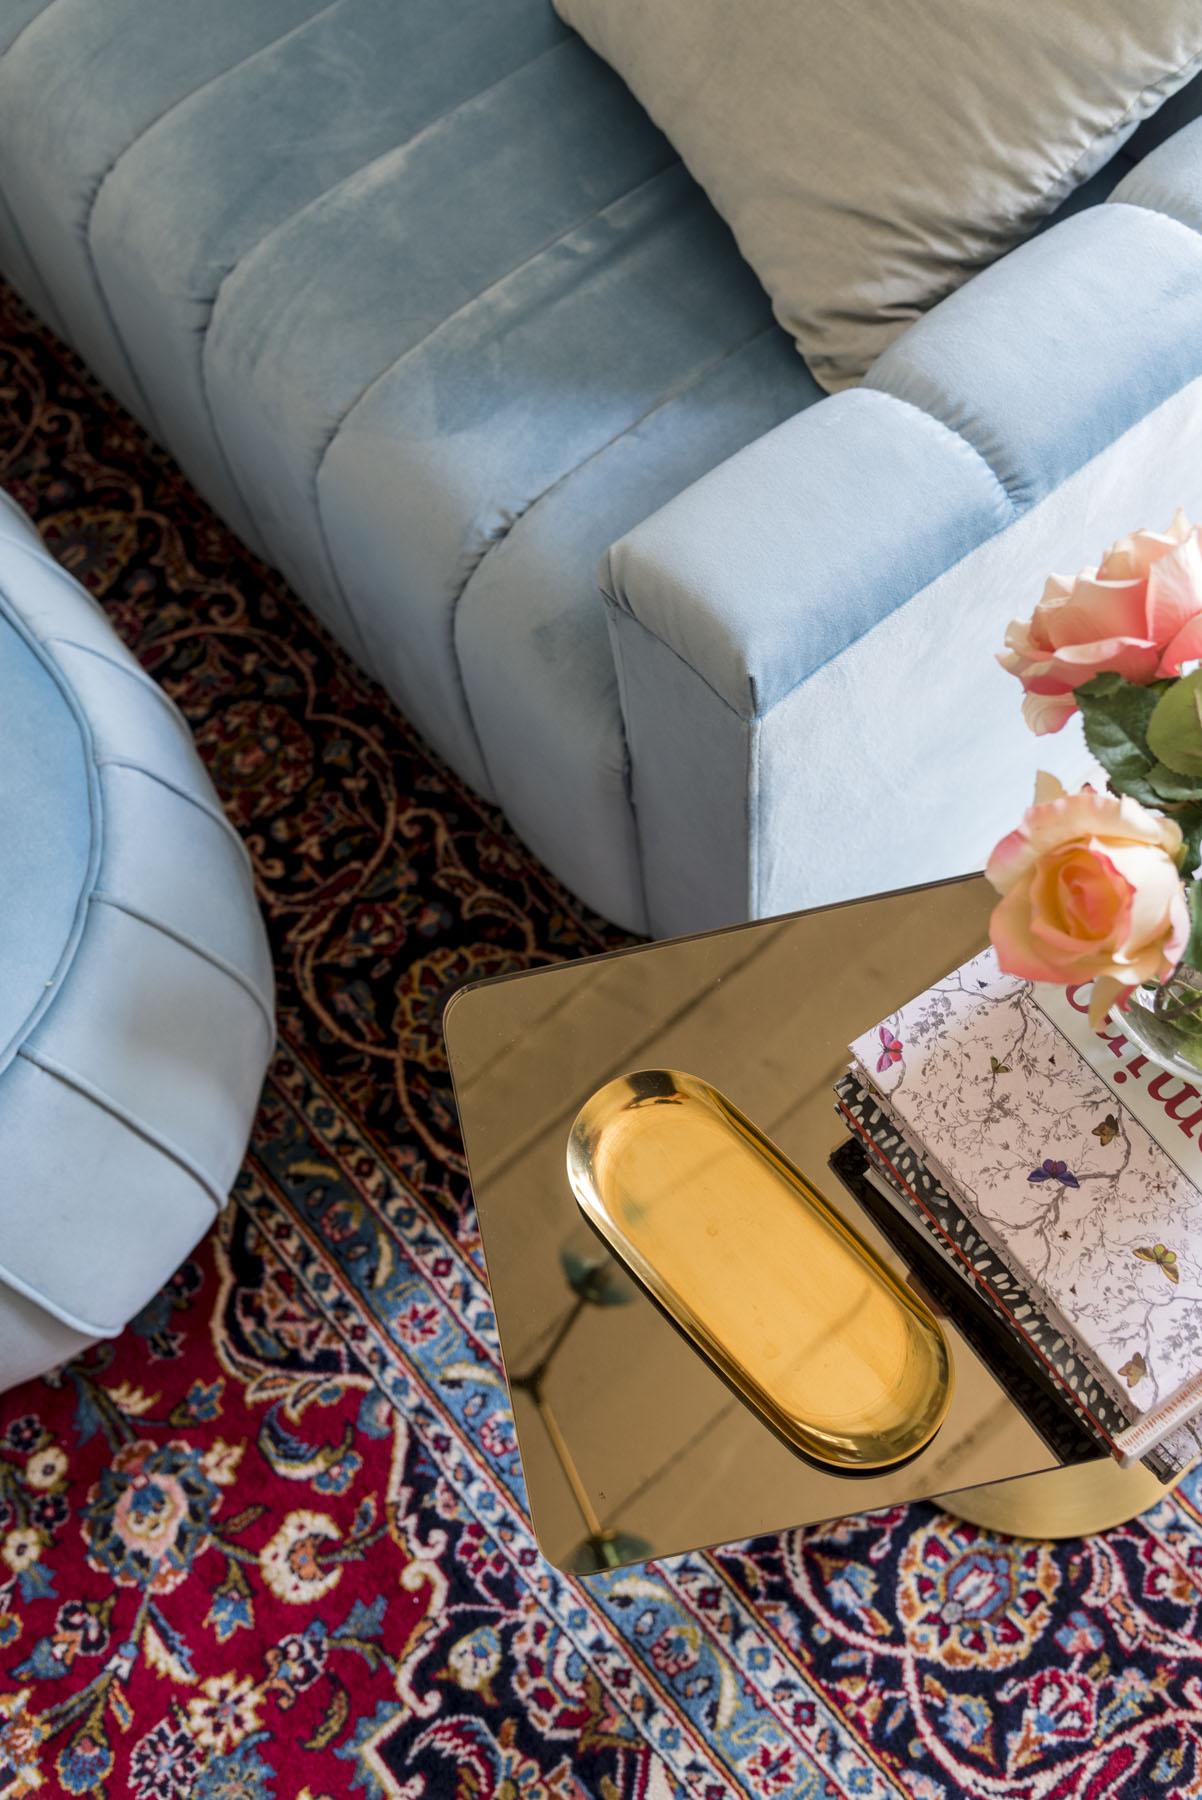 Az asztalka Tom Dixon Flash Table, egy bécsi kirándulásunkon szerettünk bele és azonnal megvettük. A tálka pedig HAY.